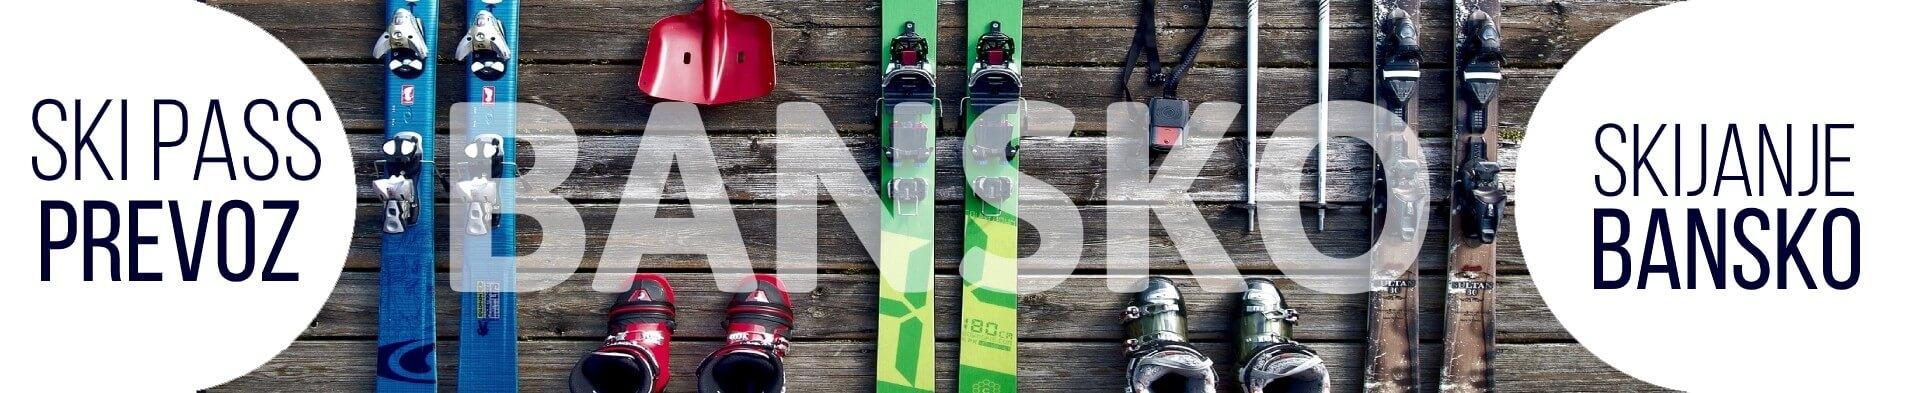 Bansko skijanje